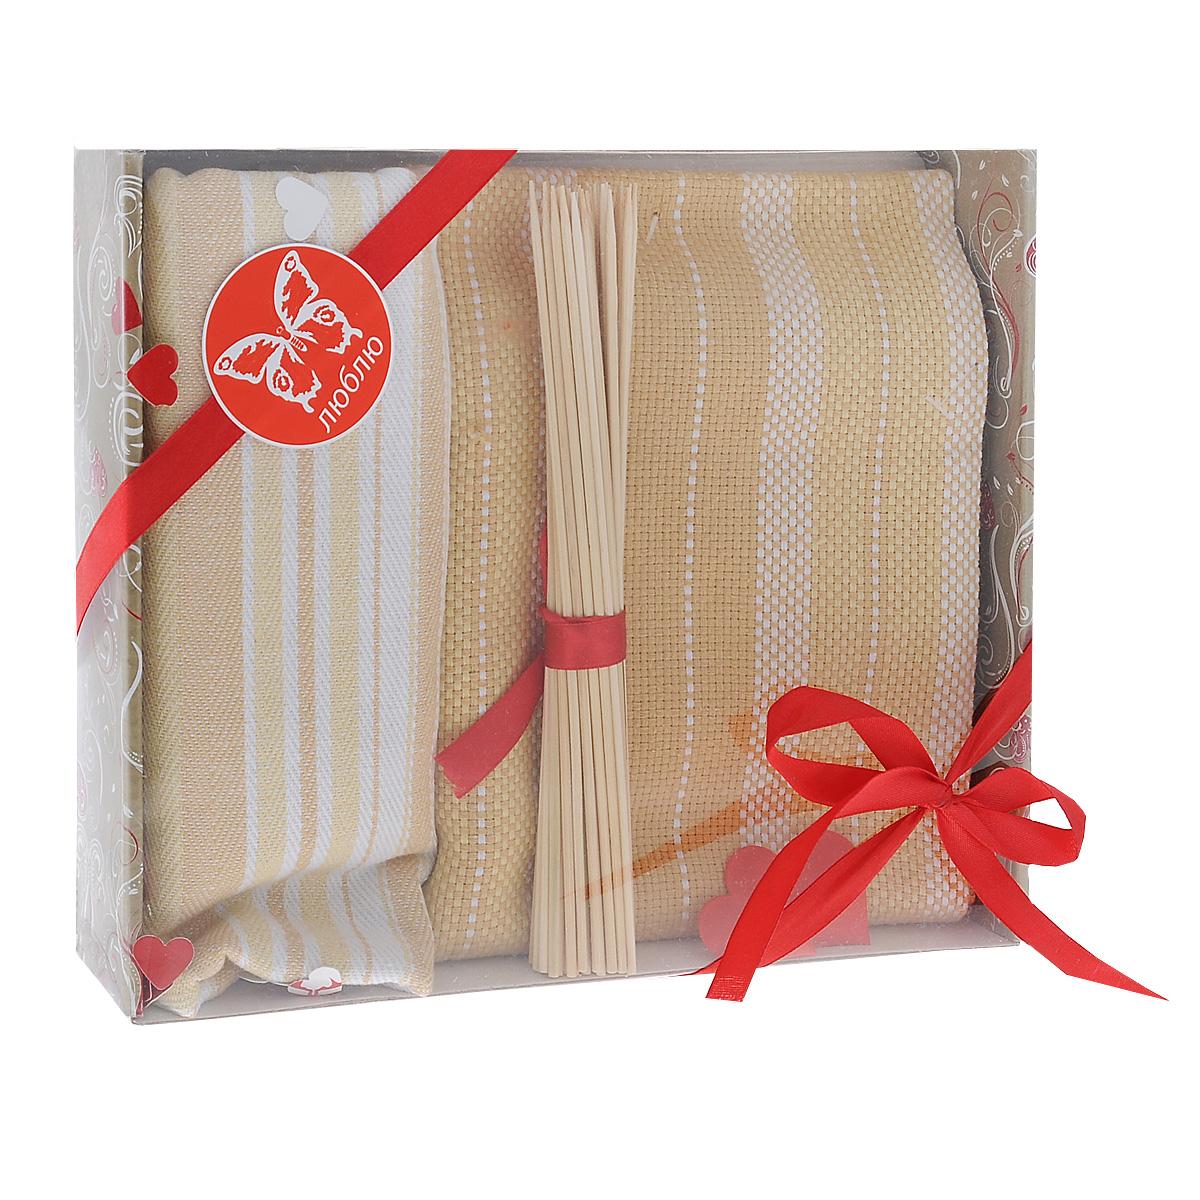 Подарочный набор для кухни Bonita Домашний уют. Полоска, цвет: бежевый, 3 предмета. 101211591101211591Подарочный набор для кухни Bonita Домашний уют. Полоска состоит из двух жаккардовых полотенец и комплекта бамбуковых шпажек. Полотенца выполнены из 100% хлопка и декорированы рисунком в полоску. Такой набор оригинально украсит интерьер и будет уместен на любой кухне. Прекрасно подойдет в качестве подарка, который окажется не только приятным, но и полезным в хозяйстве. Набор упакован в подарочную коробку. Размер полотенец: 50 см х 75 см. Длина шпажек: 20 см.